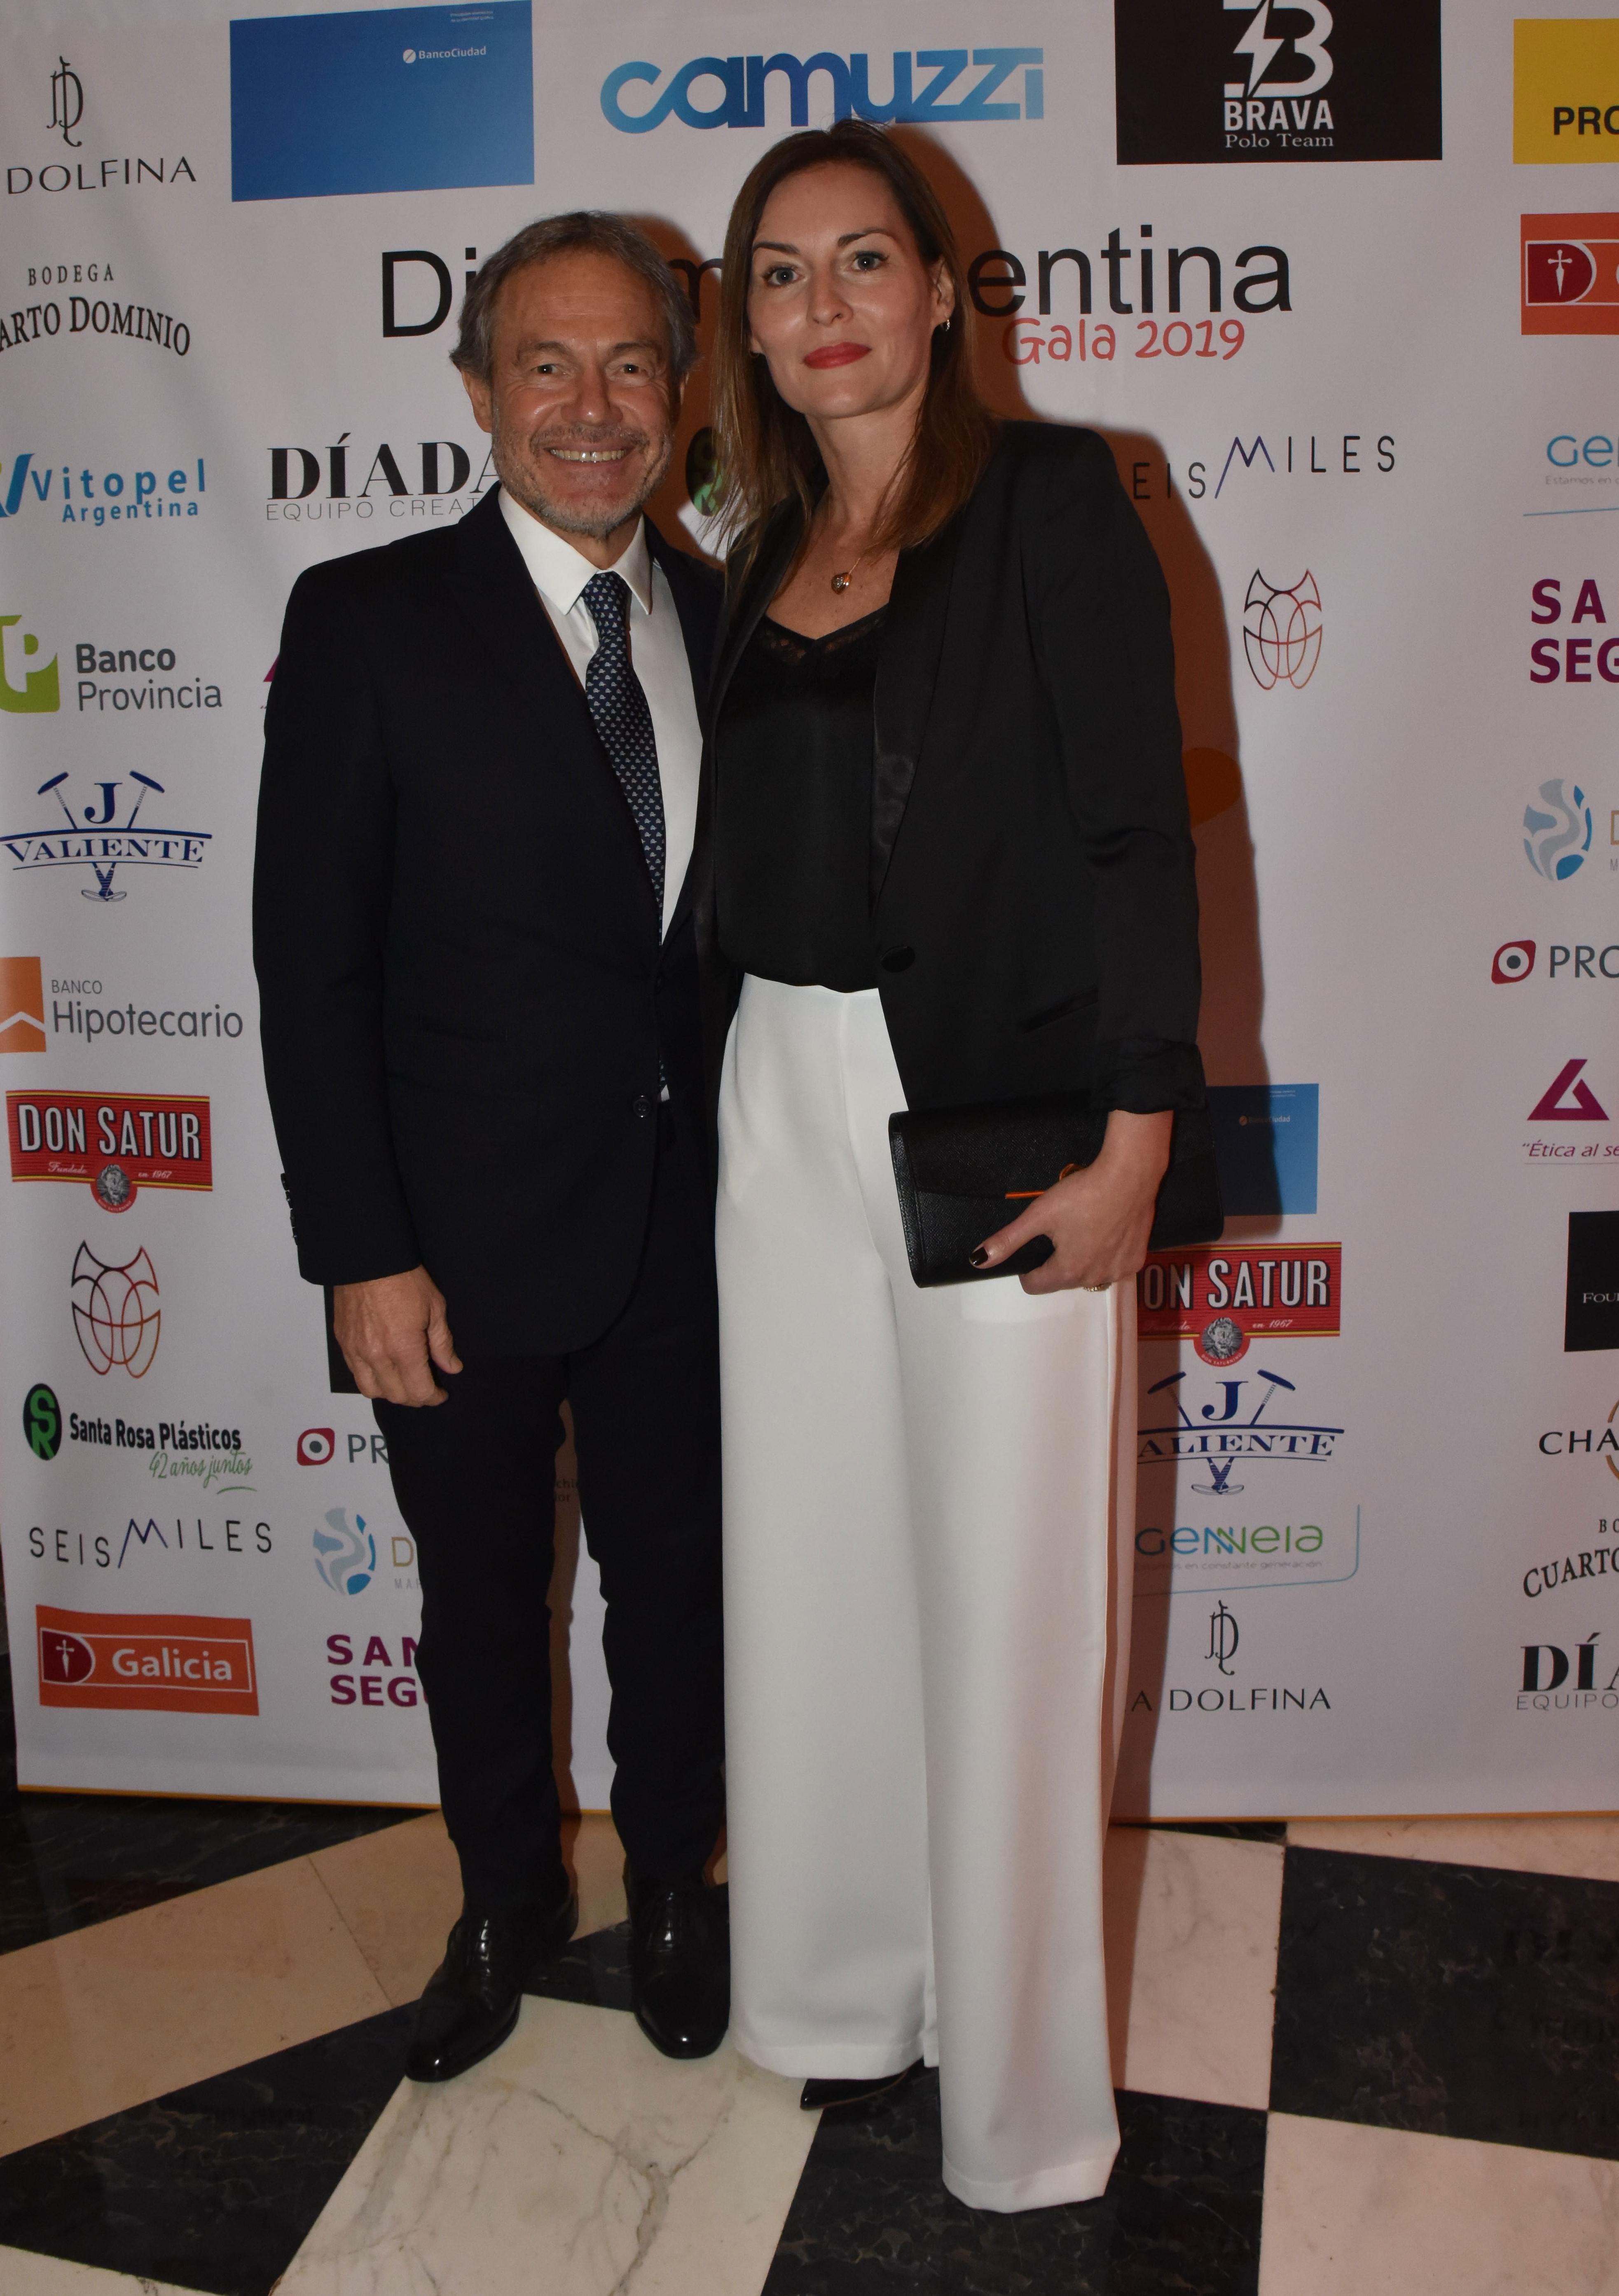 Gustavo Ferrari, ministro de Justicia de la provincia de Buenos Aires, y su mujer